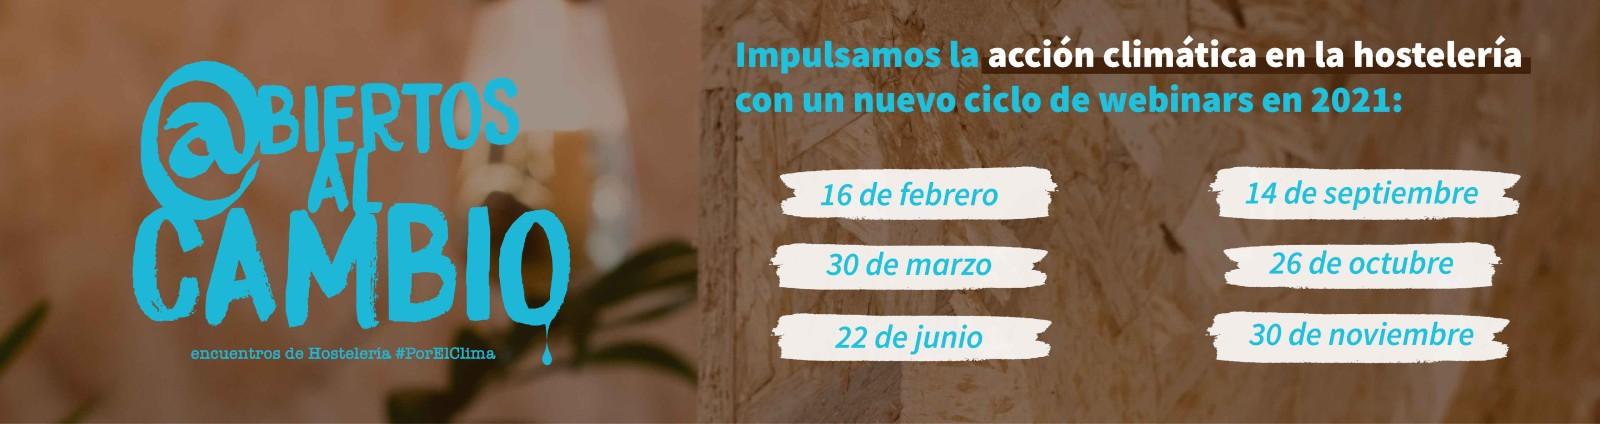 Ciclo de webinars @biertos al cambio